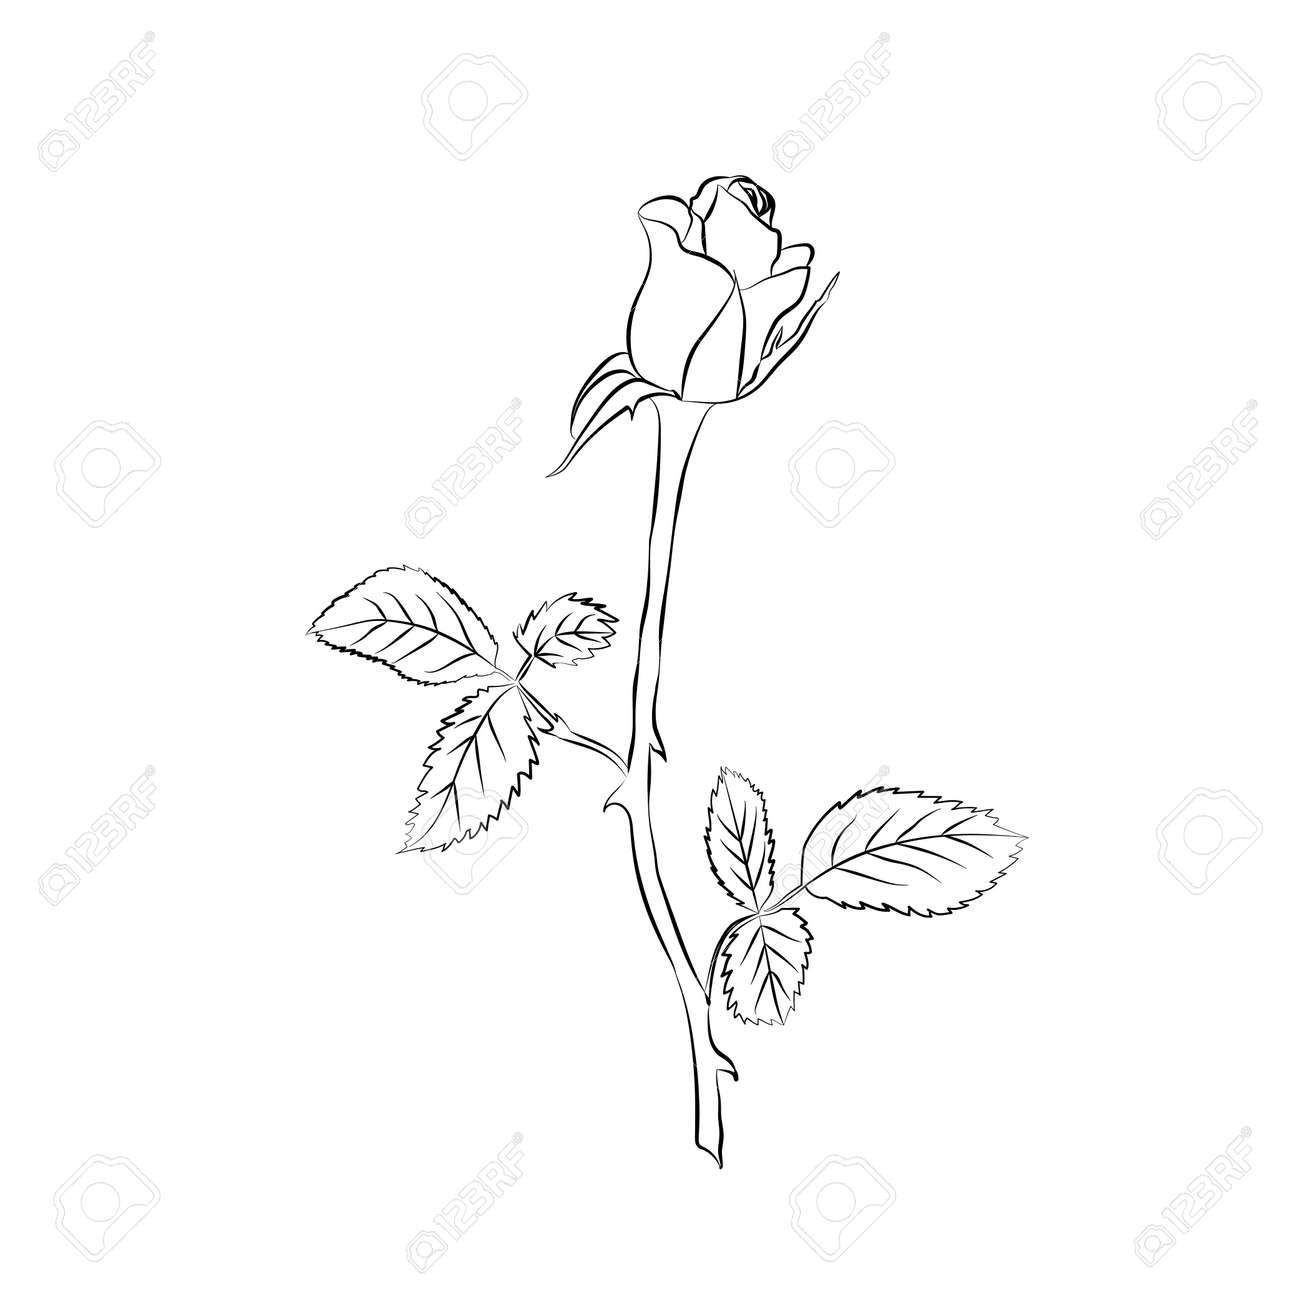 Rose sketch. Black outline on white background. Vector illustration. - 41072538